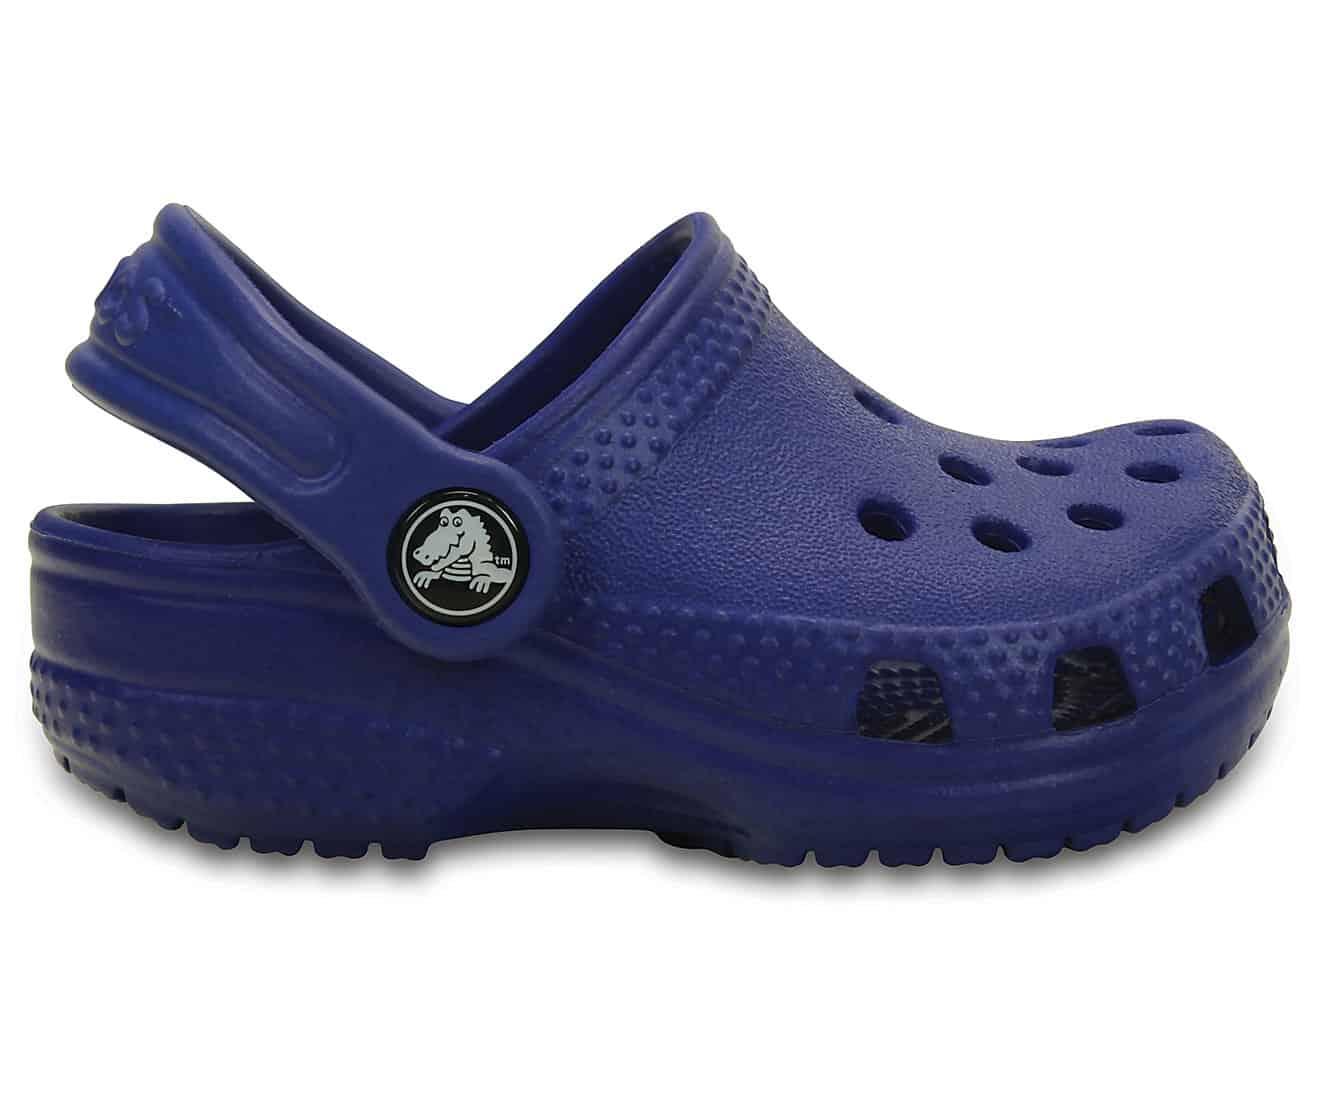 Crocs Littles Cerulean Blue 11441-4O5